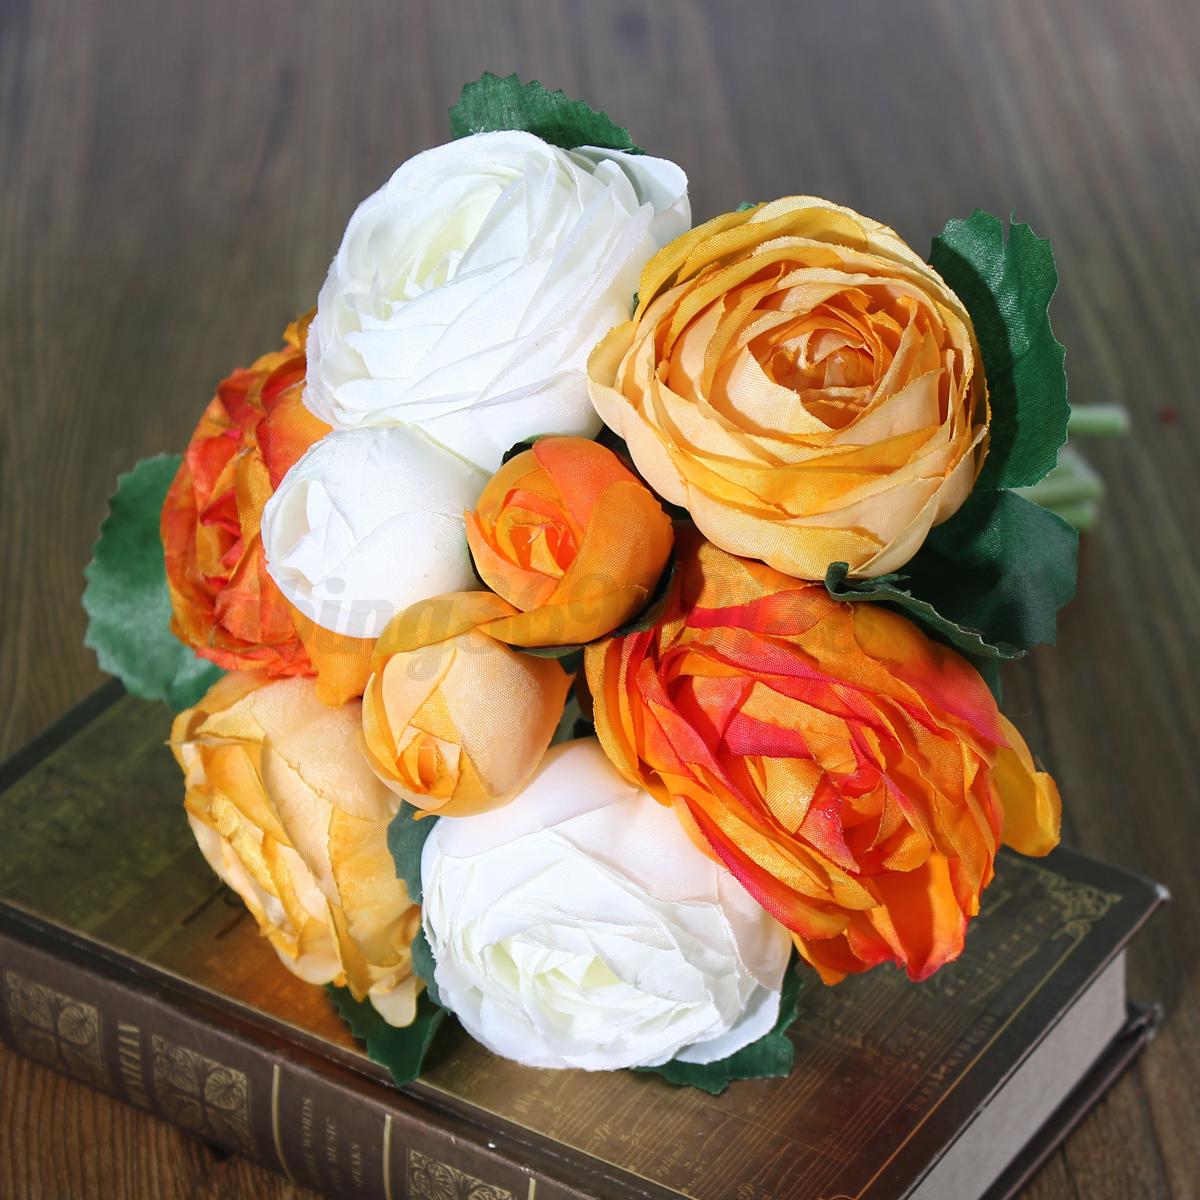 Bouquet-Artificielle-Fleur-Pivoine-Soie-Plante-mariage-Accueil-Decor-Jardin-silk